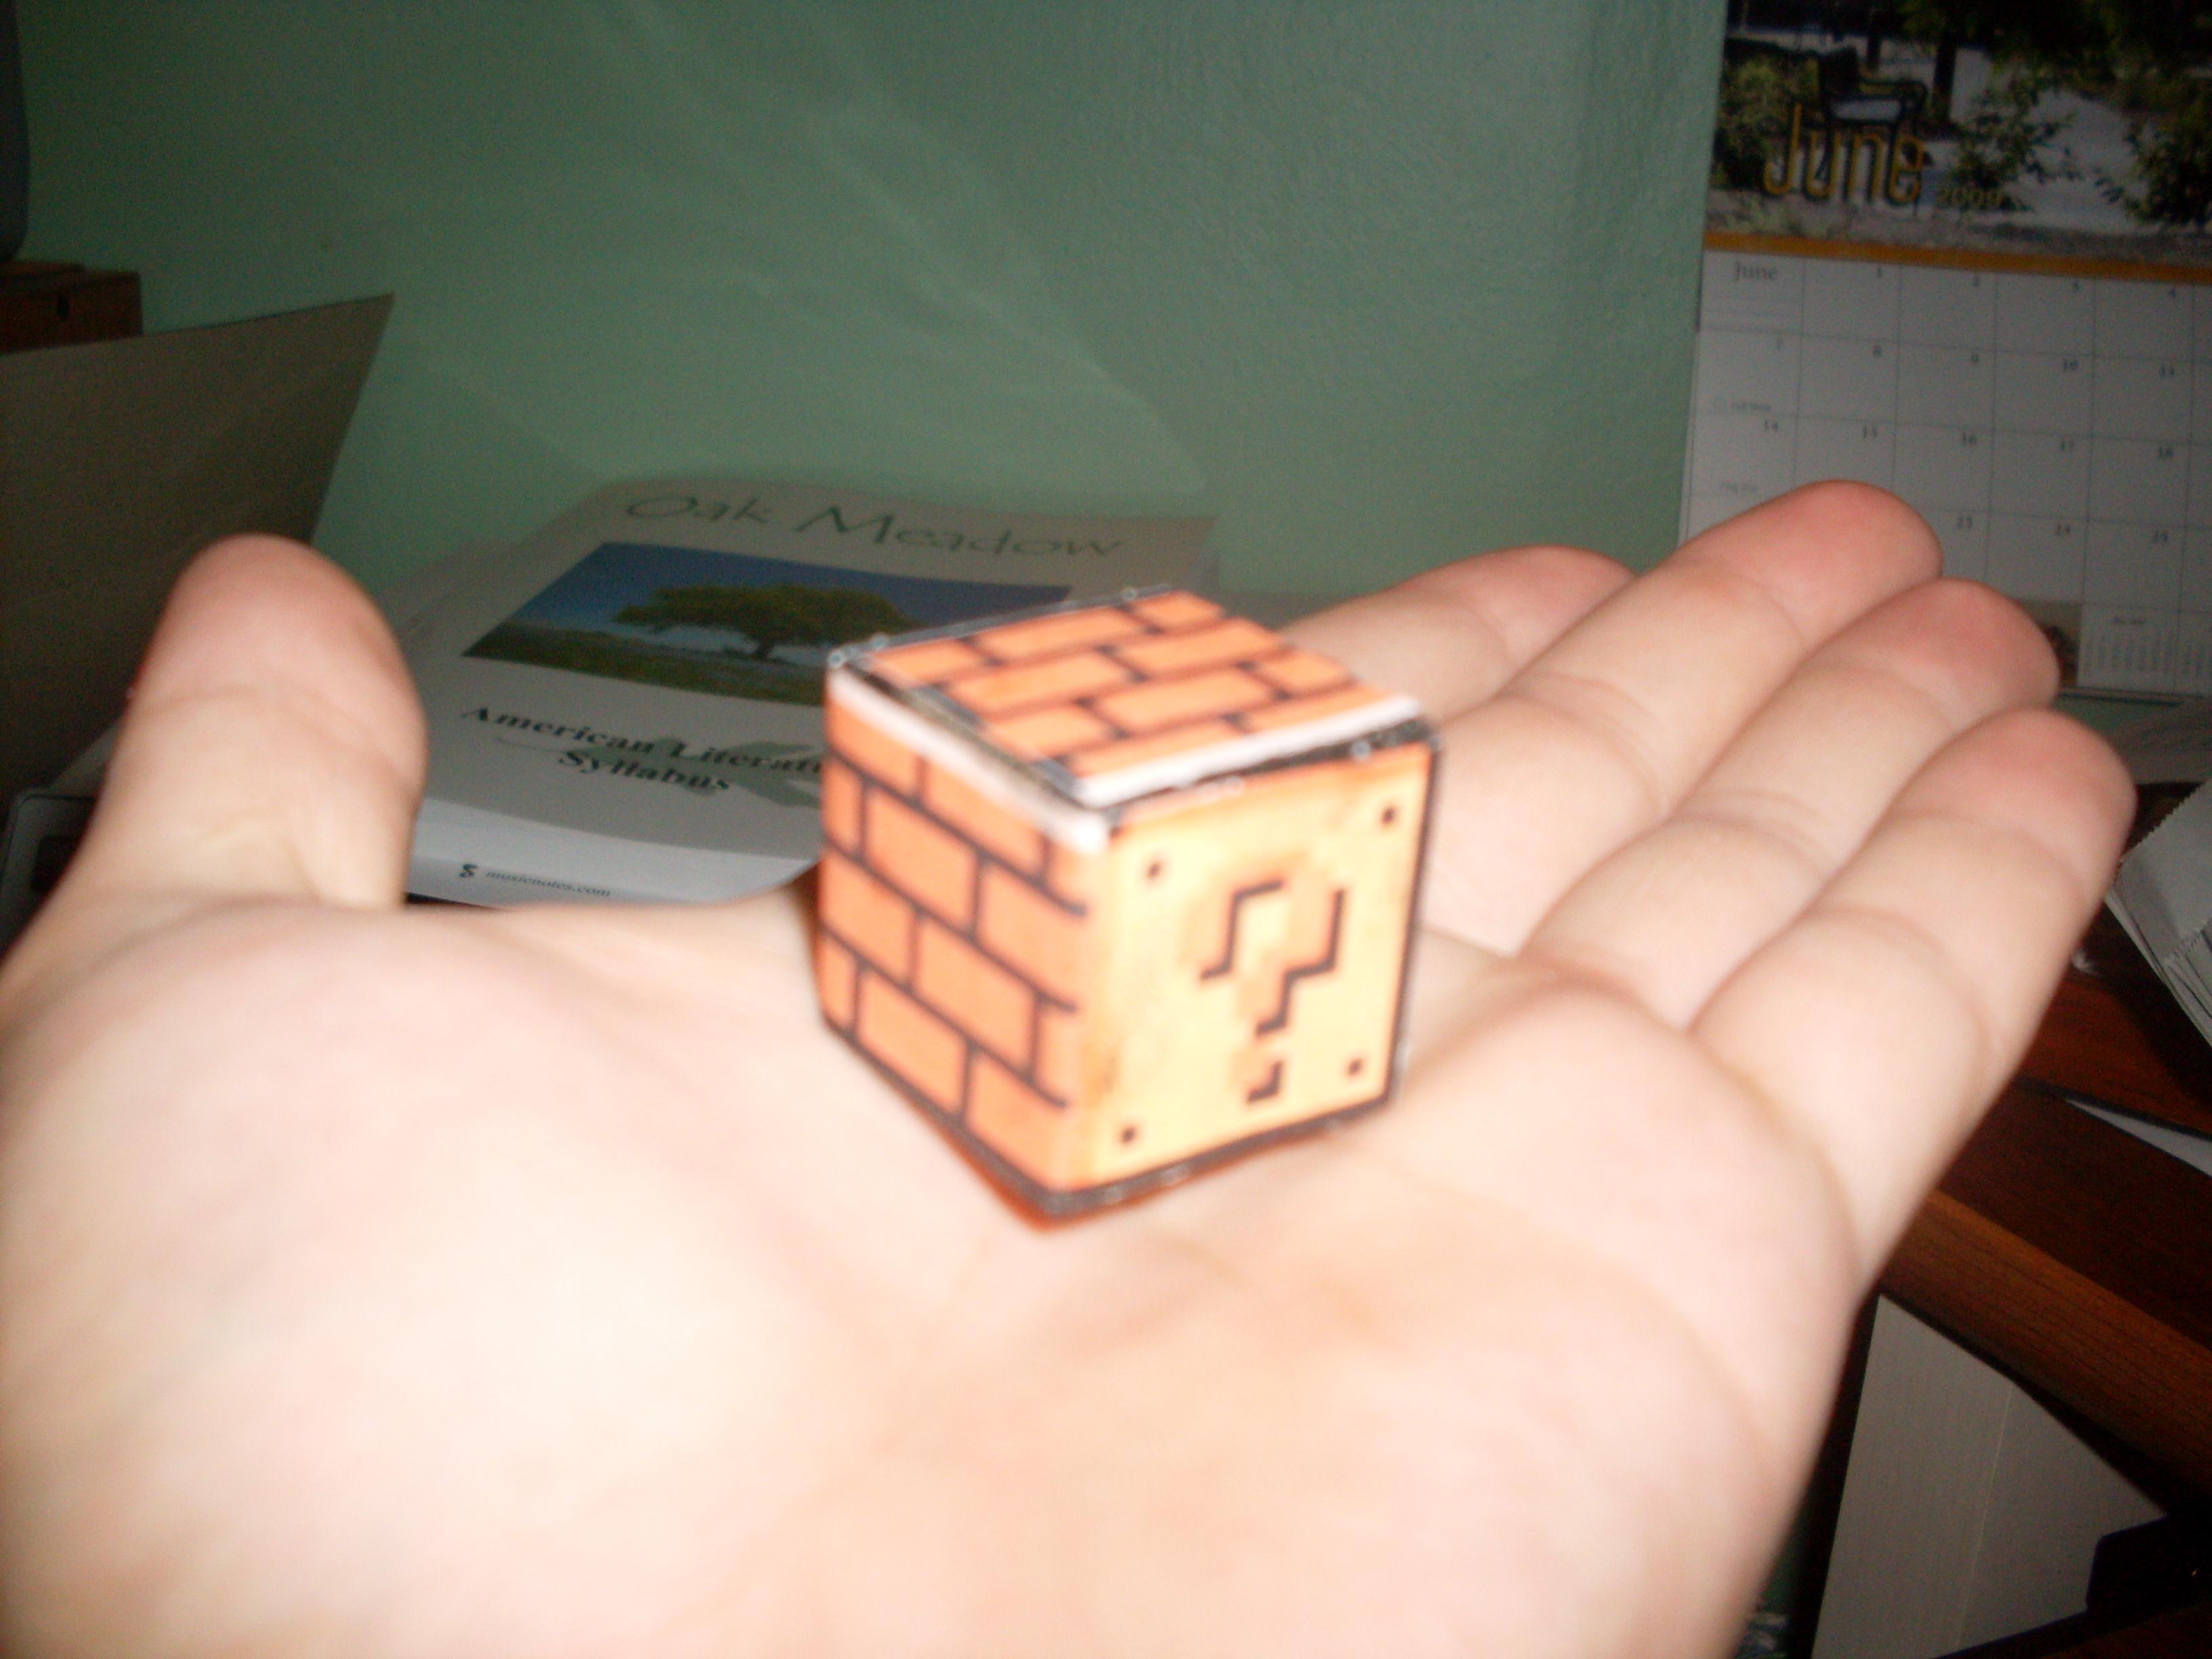 Super Mario Bros. Question Block